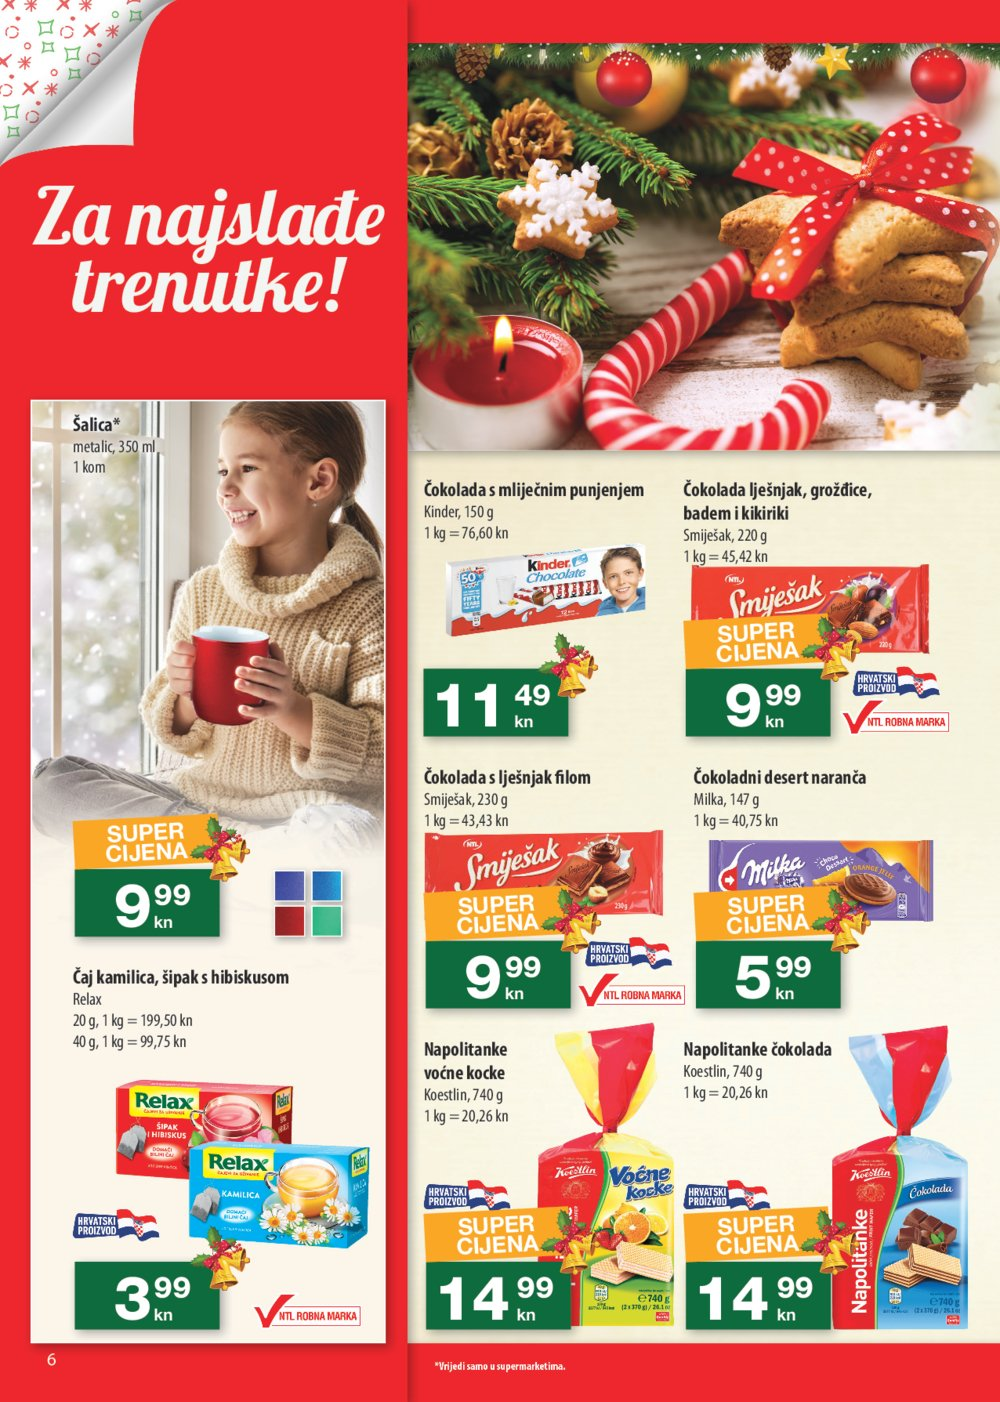 NTL Veselimo se Božiću 12.12.-18.12.2019. odabrane poslovnice